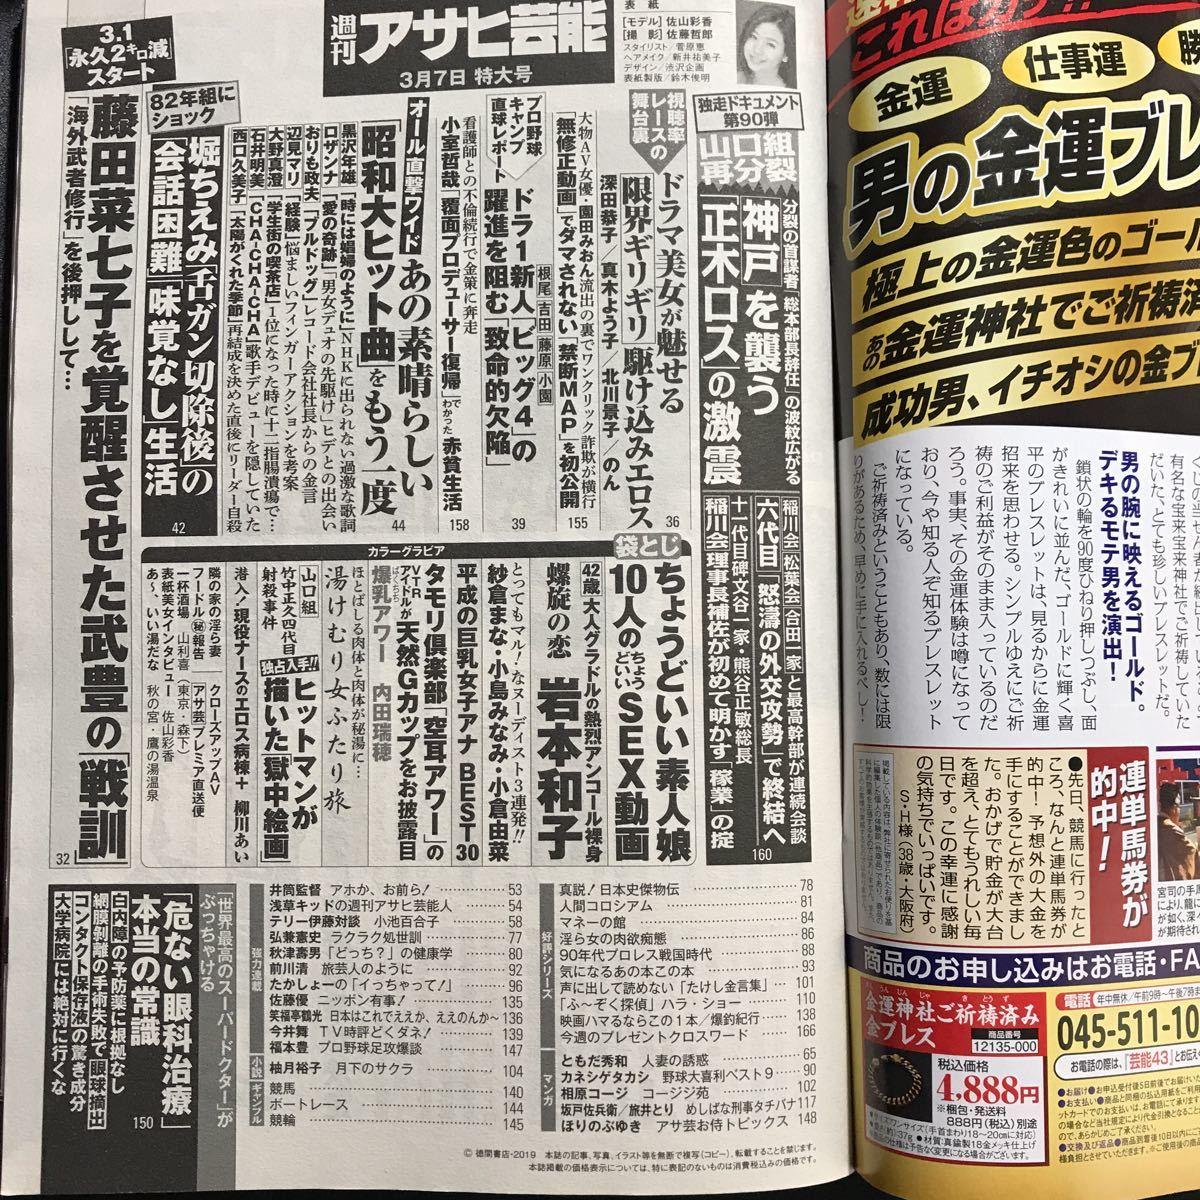 ☆【同梱可】週刊アサヒ芸能 2019/3/7 岩本和子 紗倉まな 素人娘袋とじ_画像2